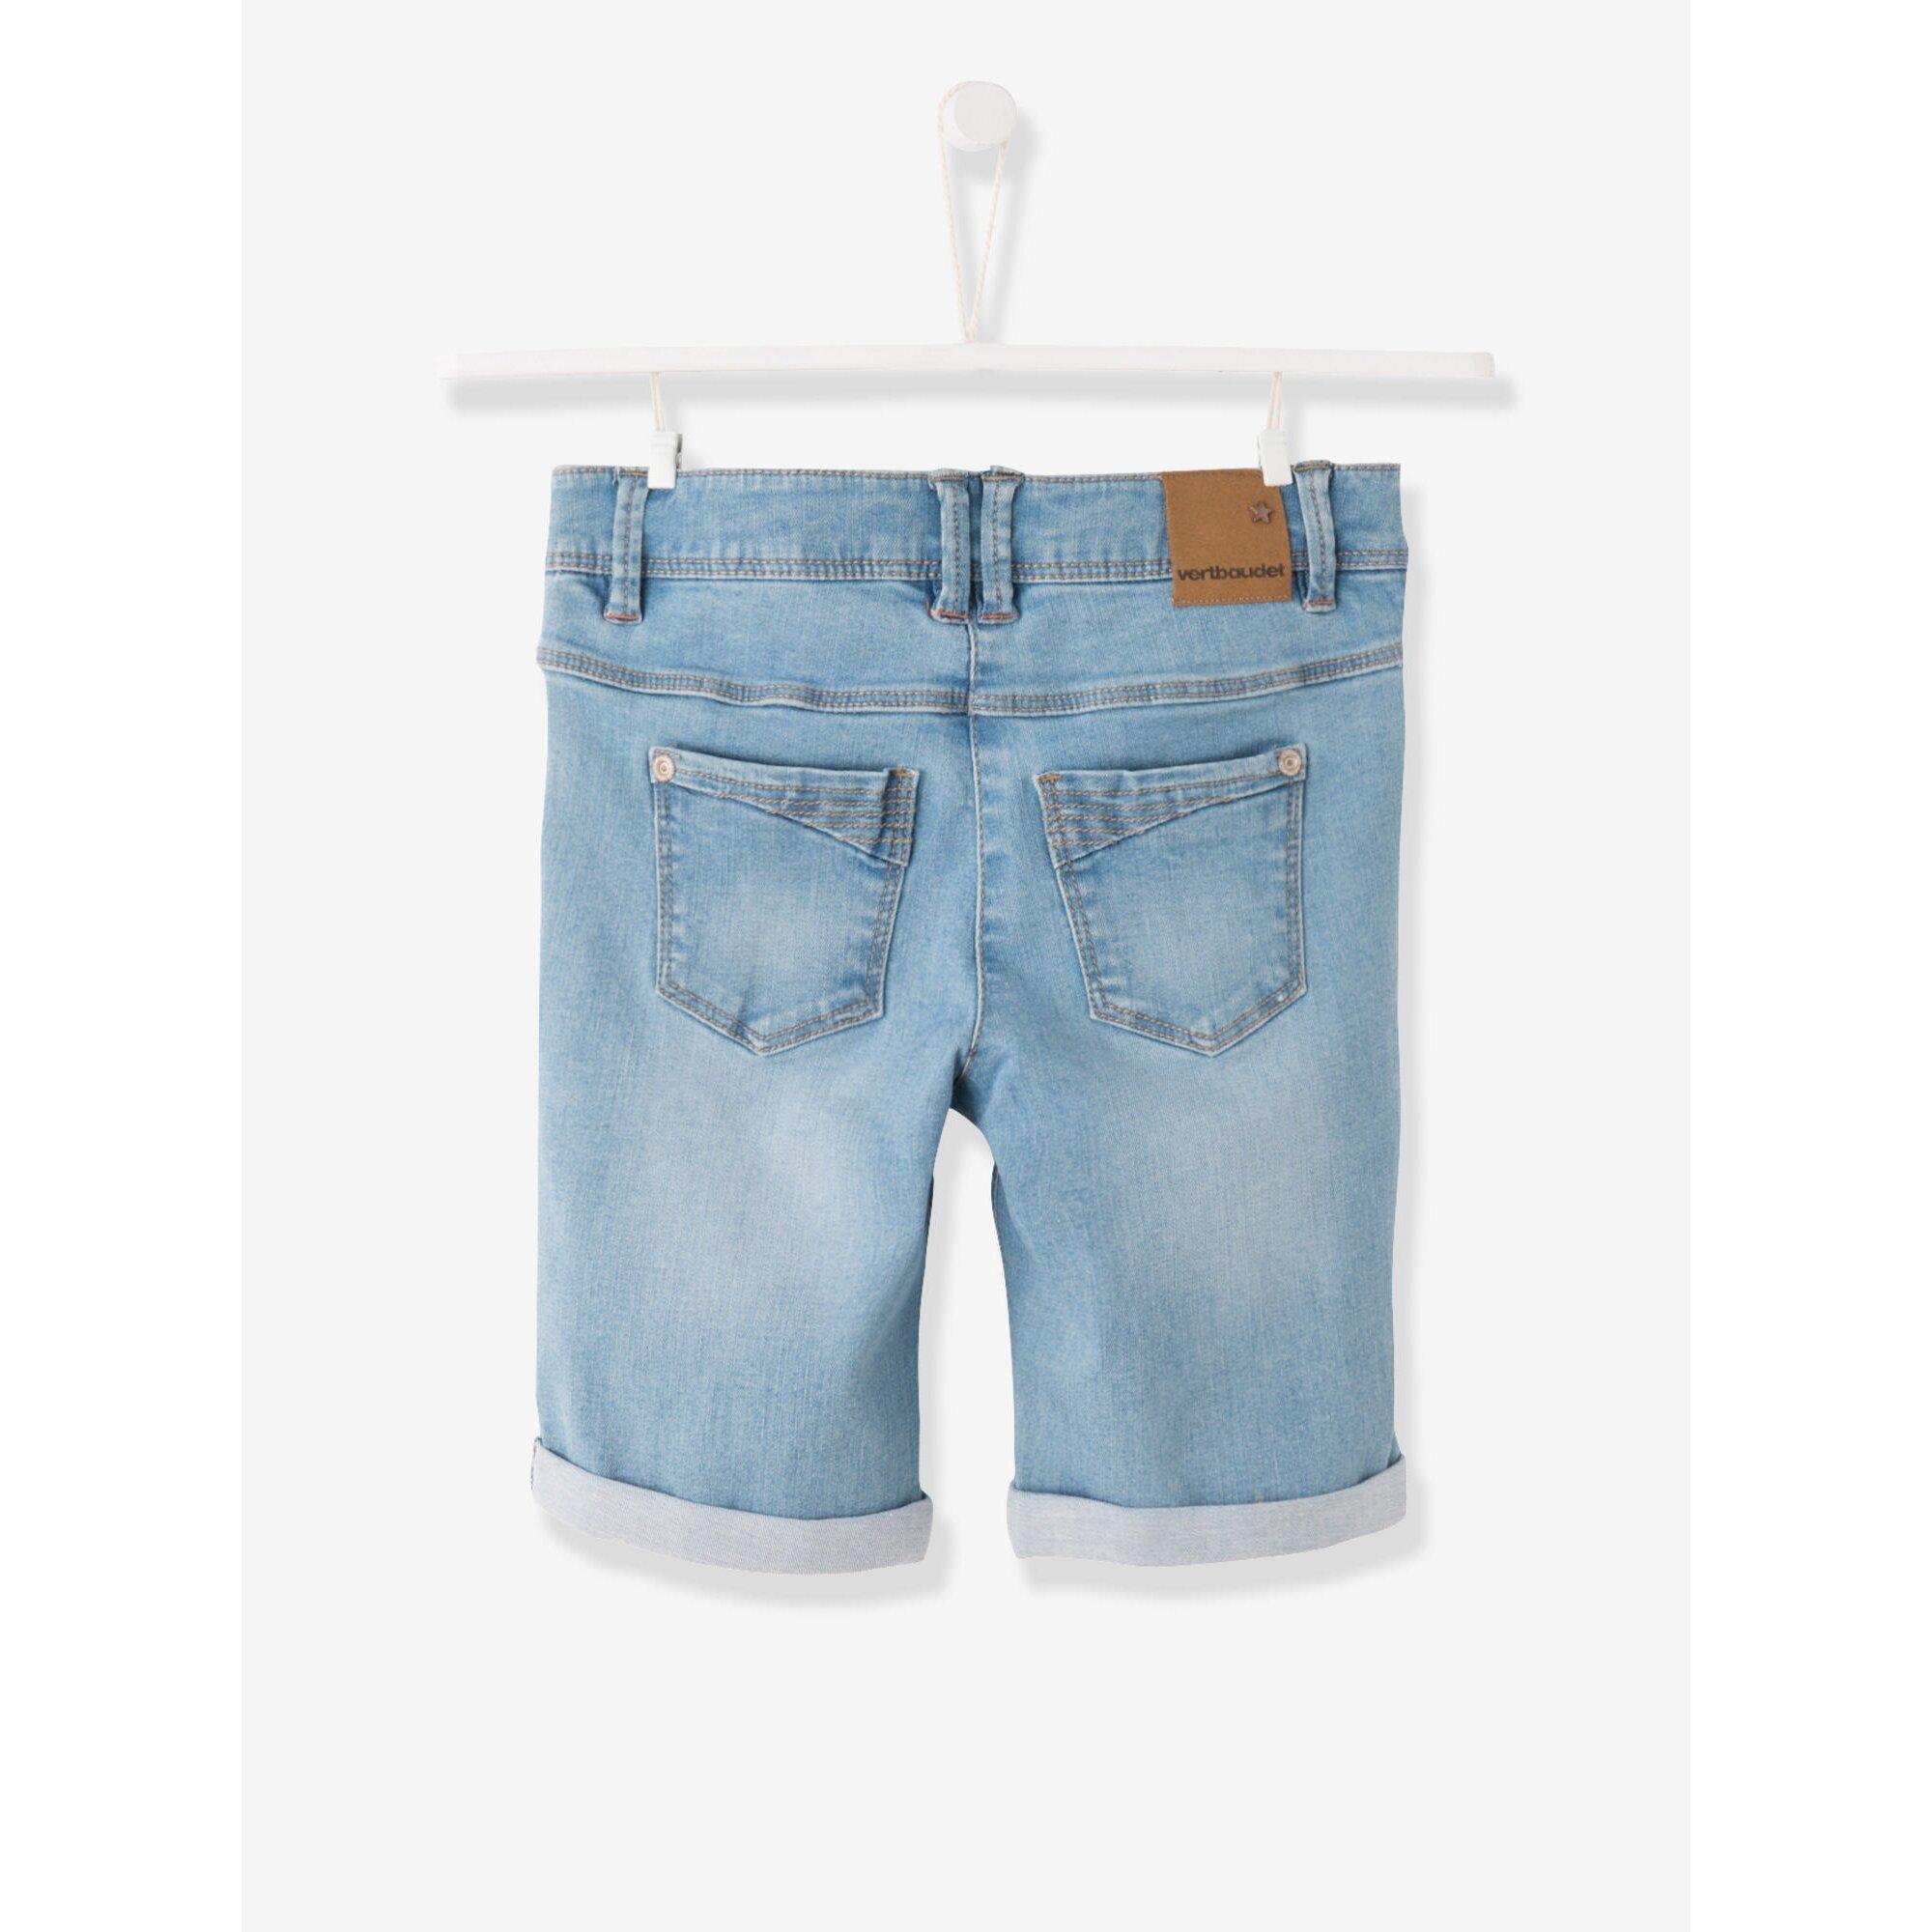 vertbaudet-jeans-bermudas-fur-madchen